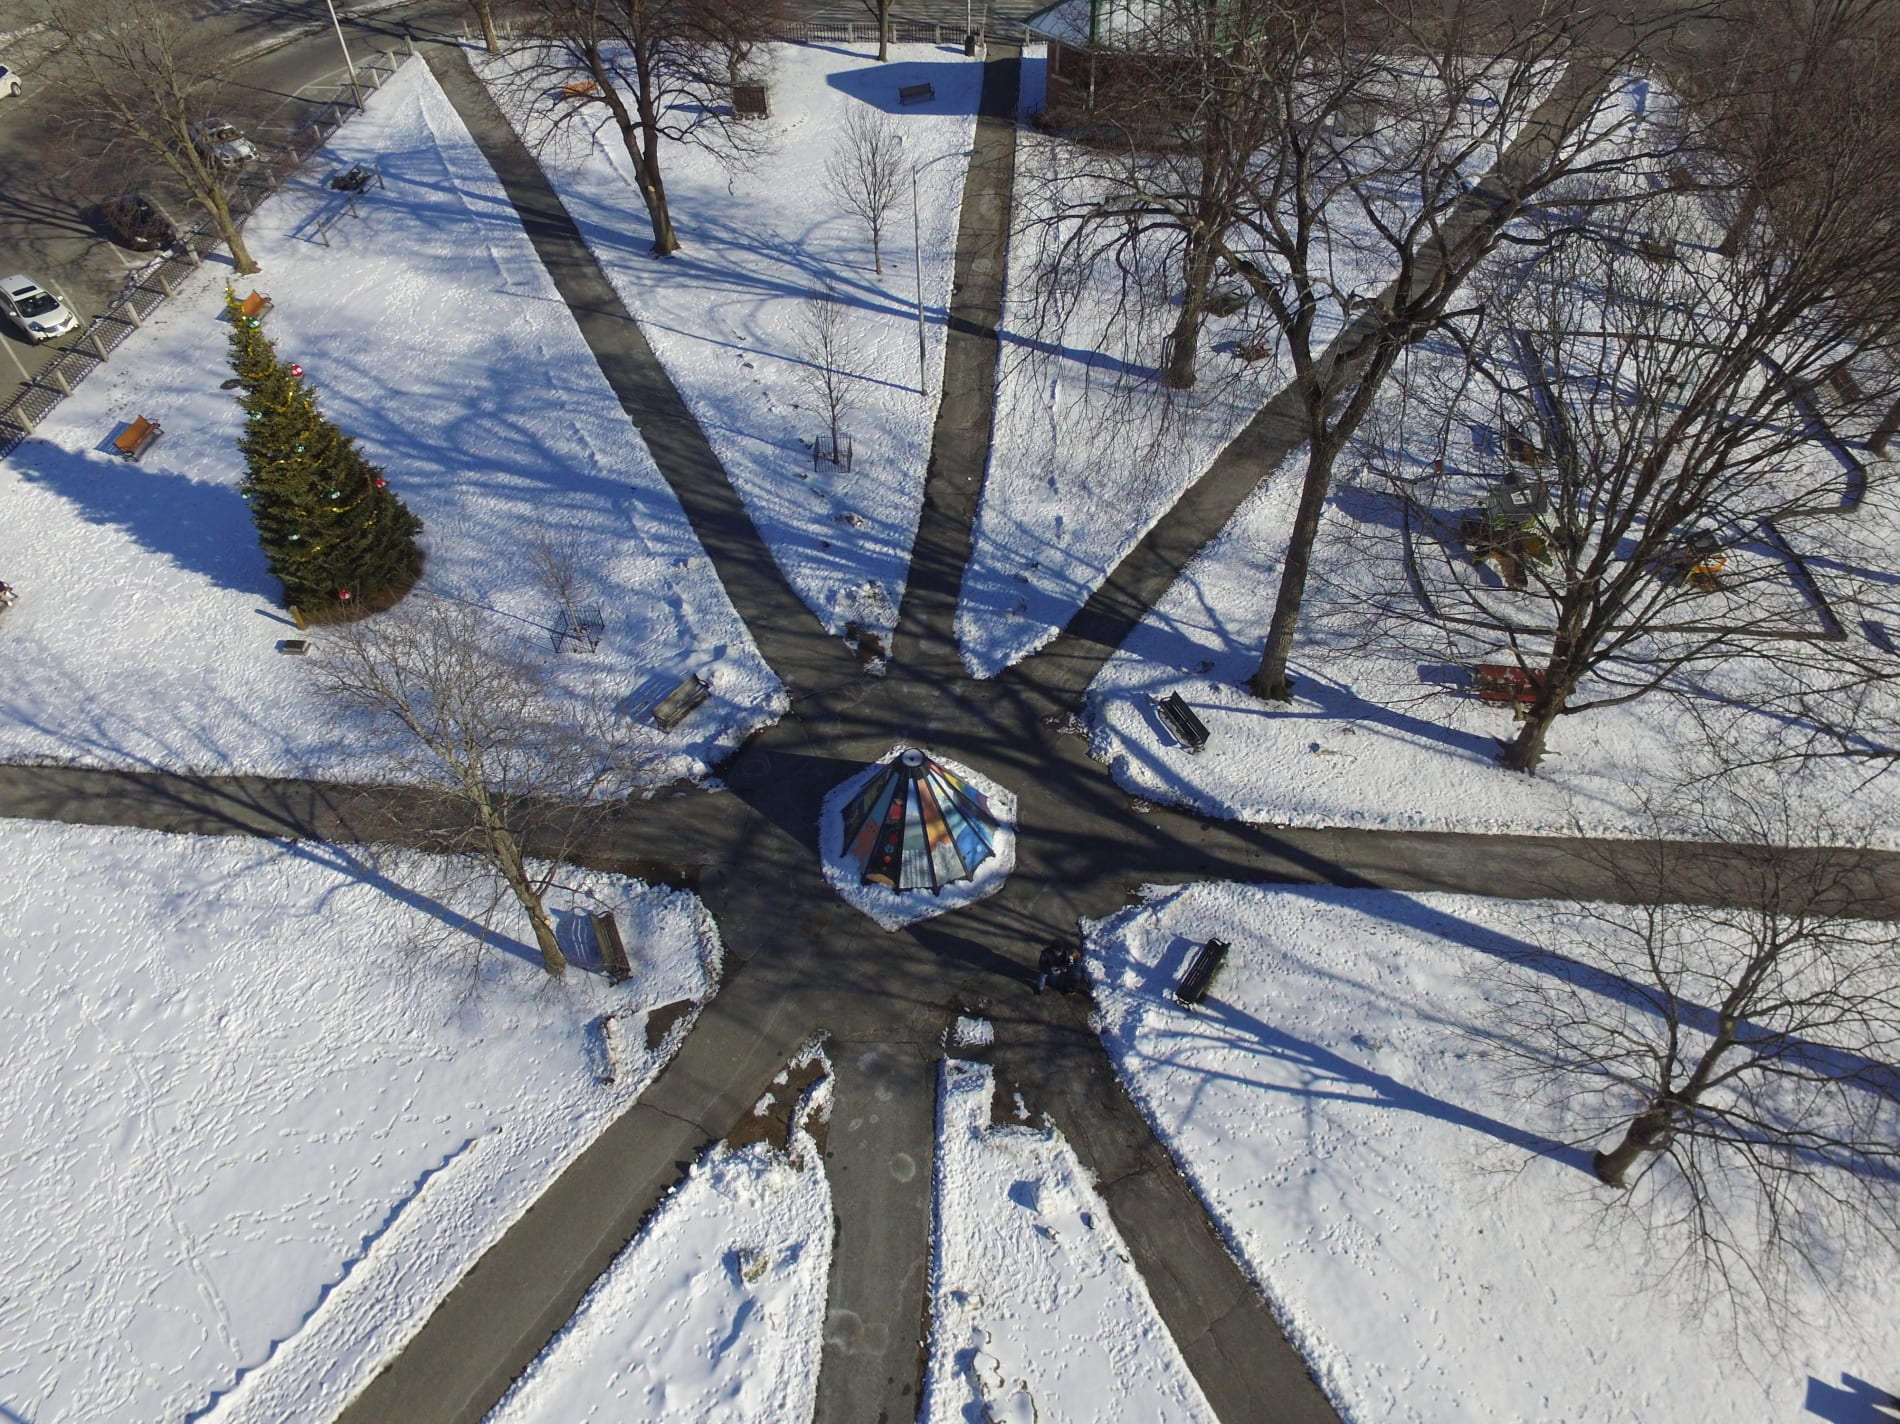 Leb-Colburn-Park-Winter-Aerial-by-JKlem.JPG-w1900.jpg